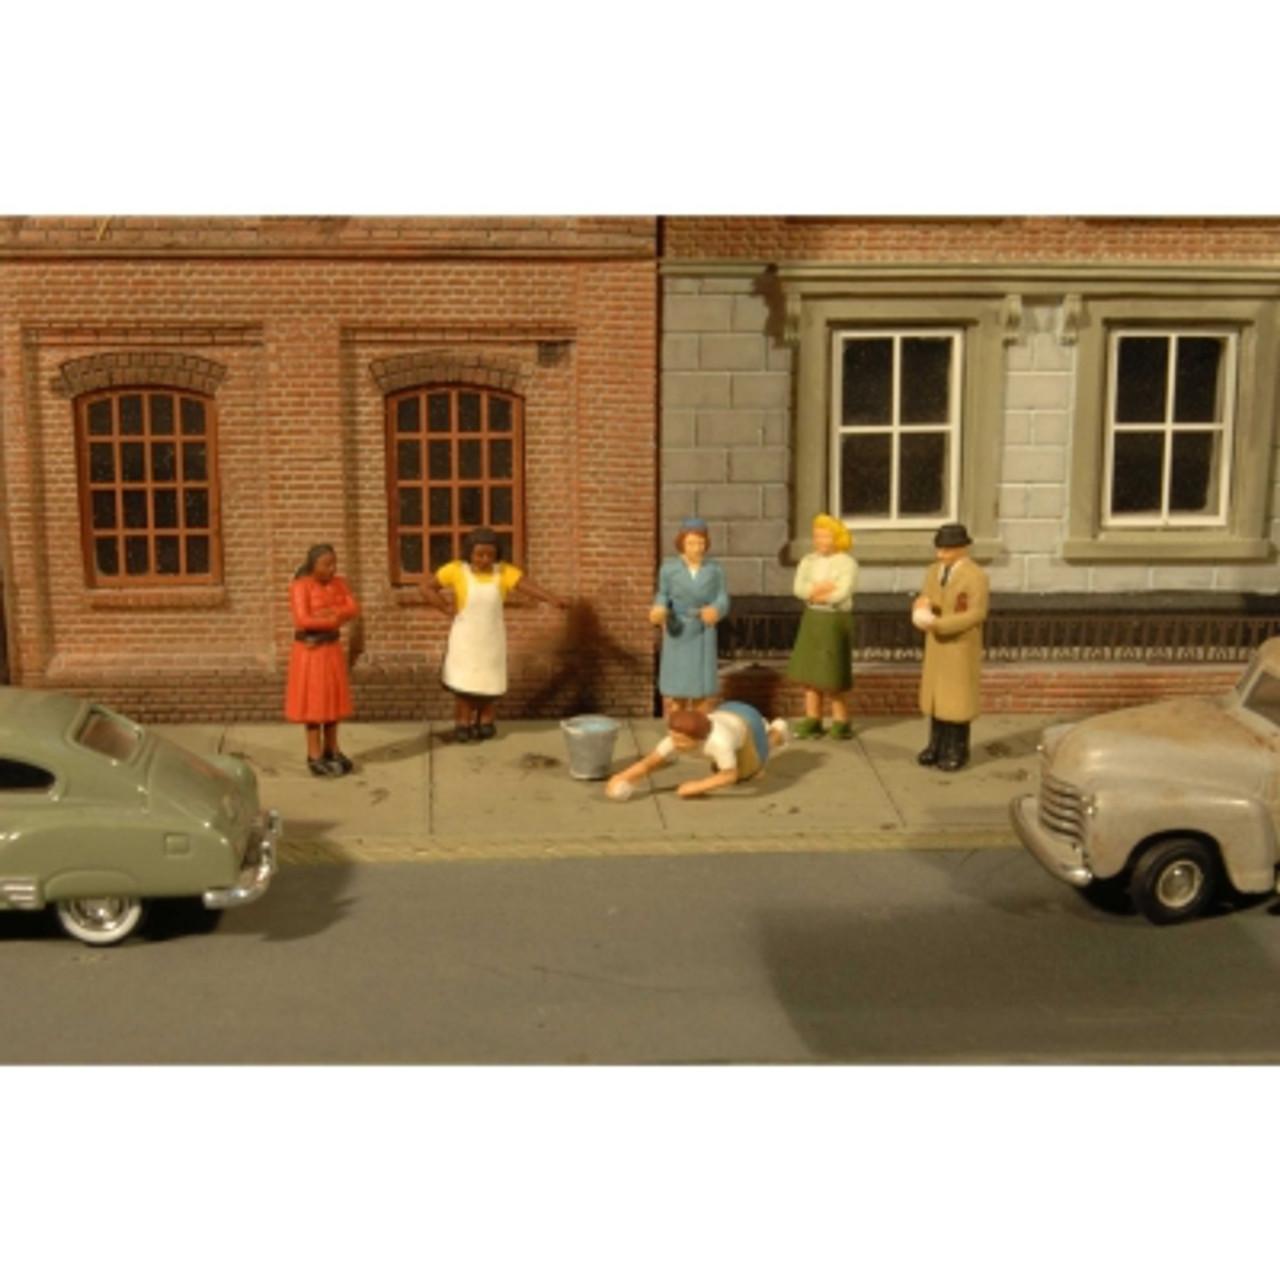 BAC33167  O Sidewalk People (7)